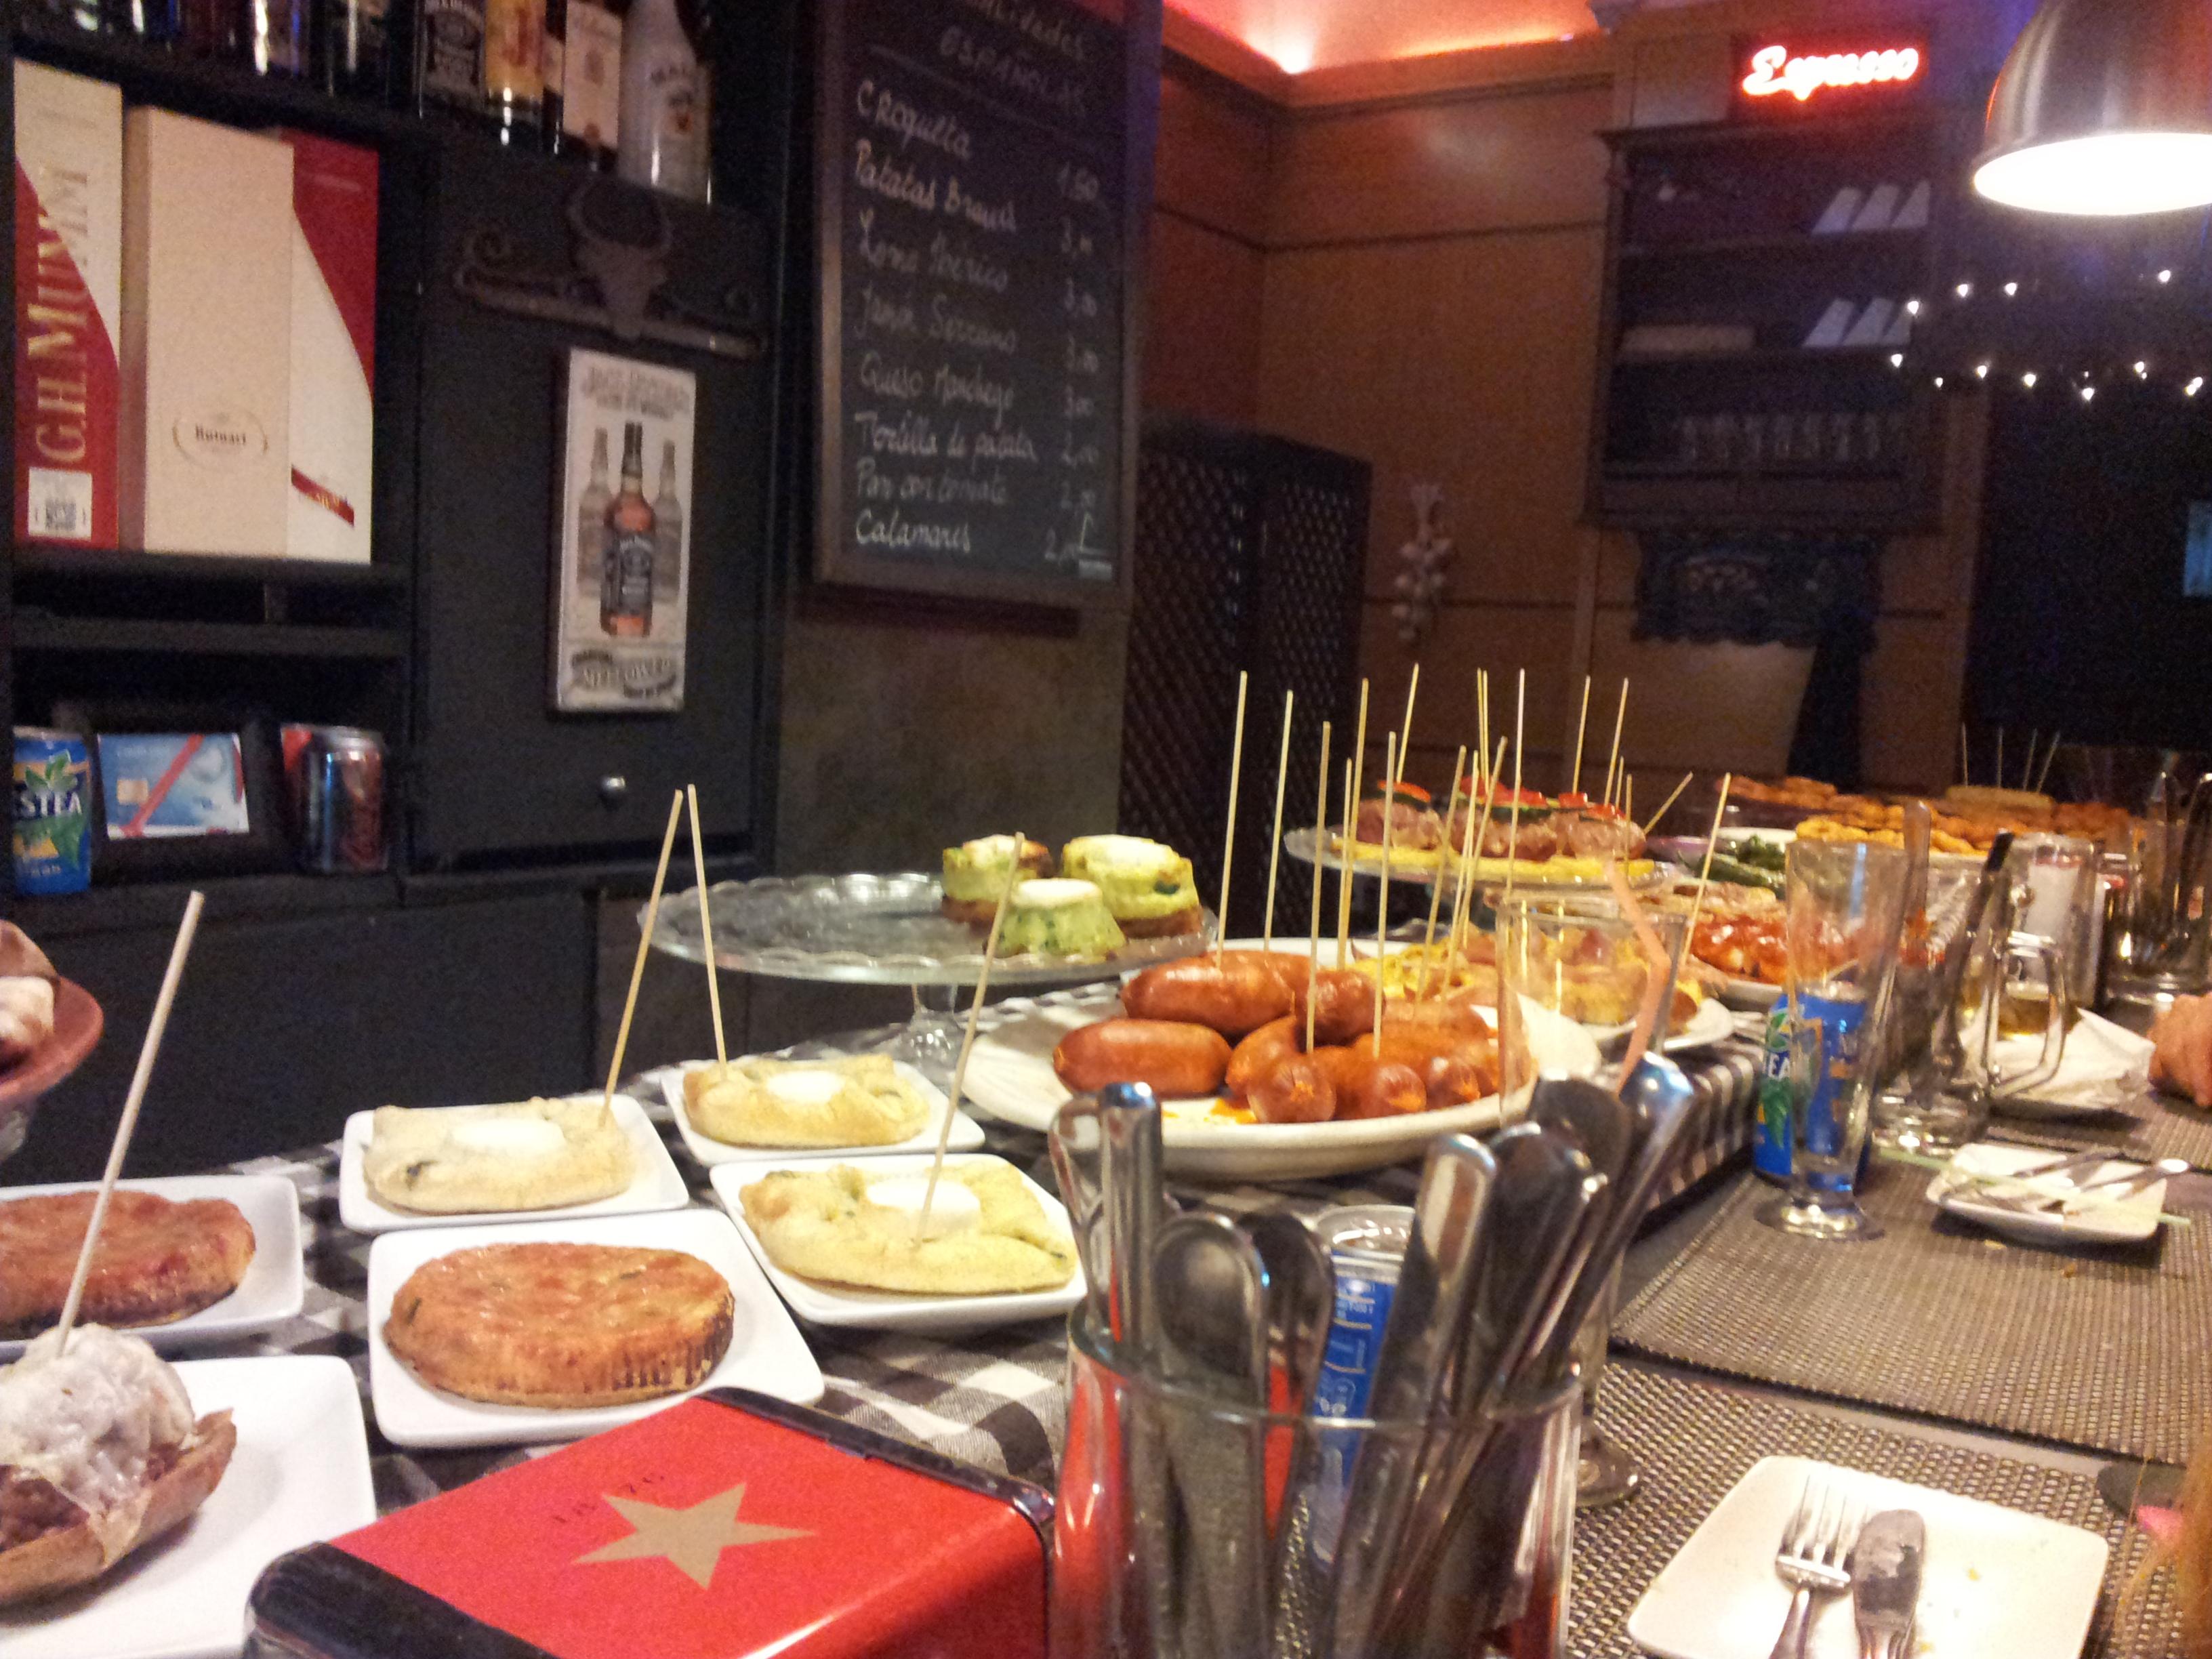 mejores sitios para comer en barcelona, barcelona, dónde comer en barcelona, españa, tourism in barcelona, turismo en barcelona, takemysecrets